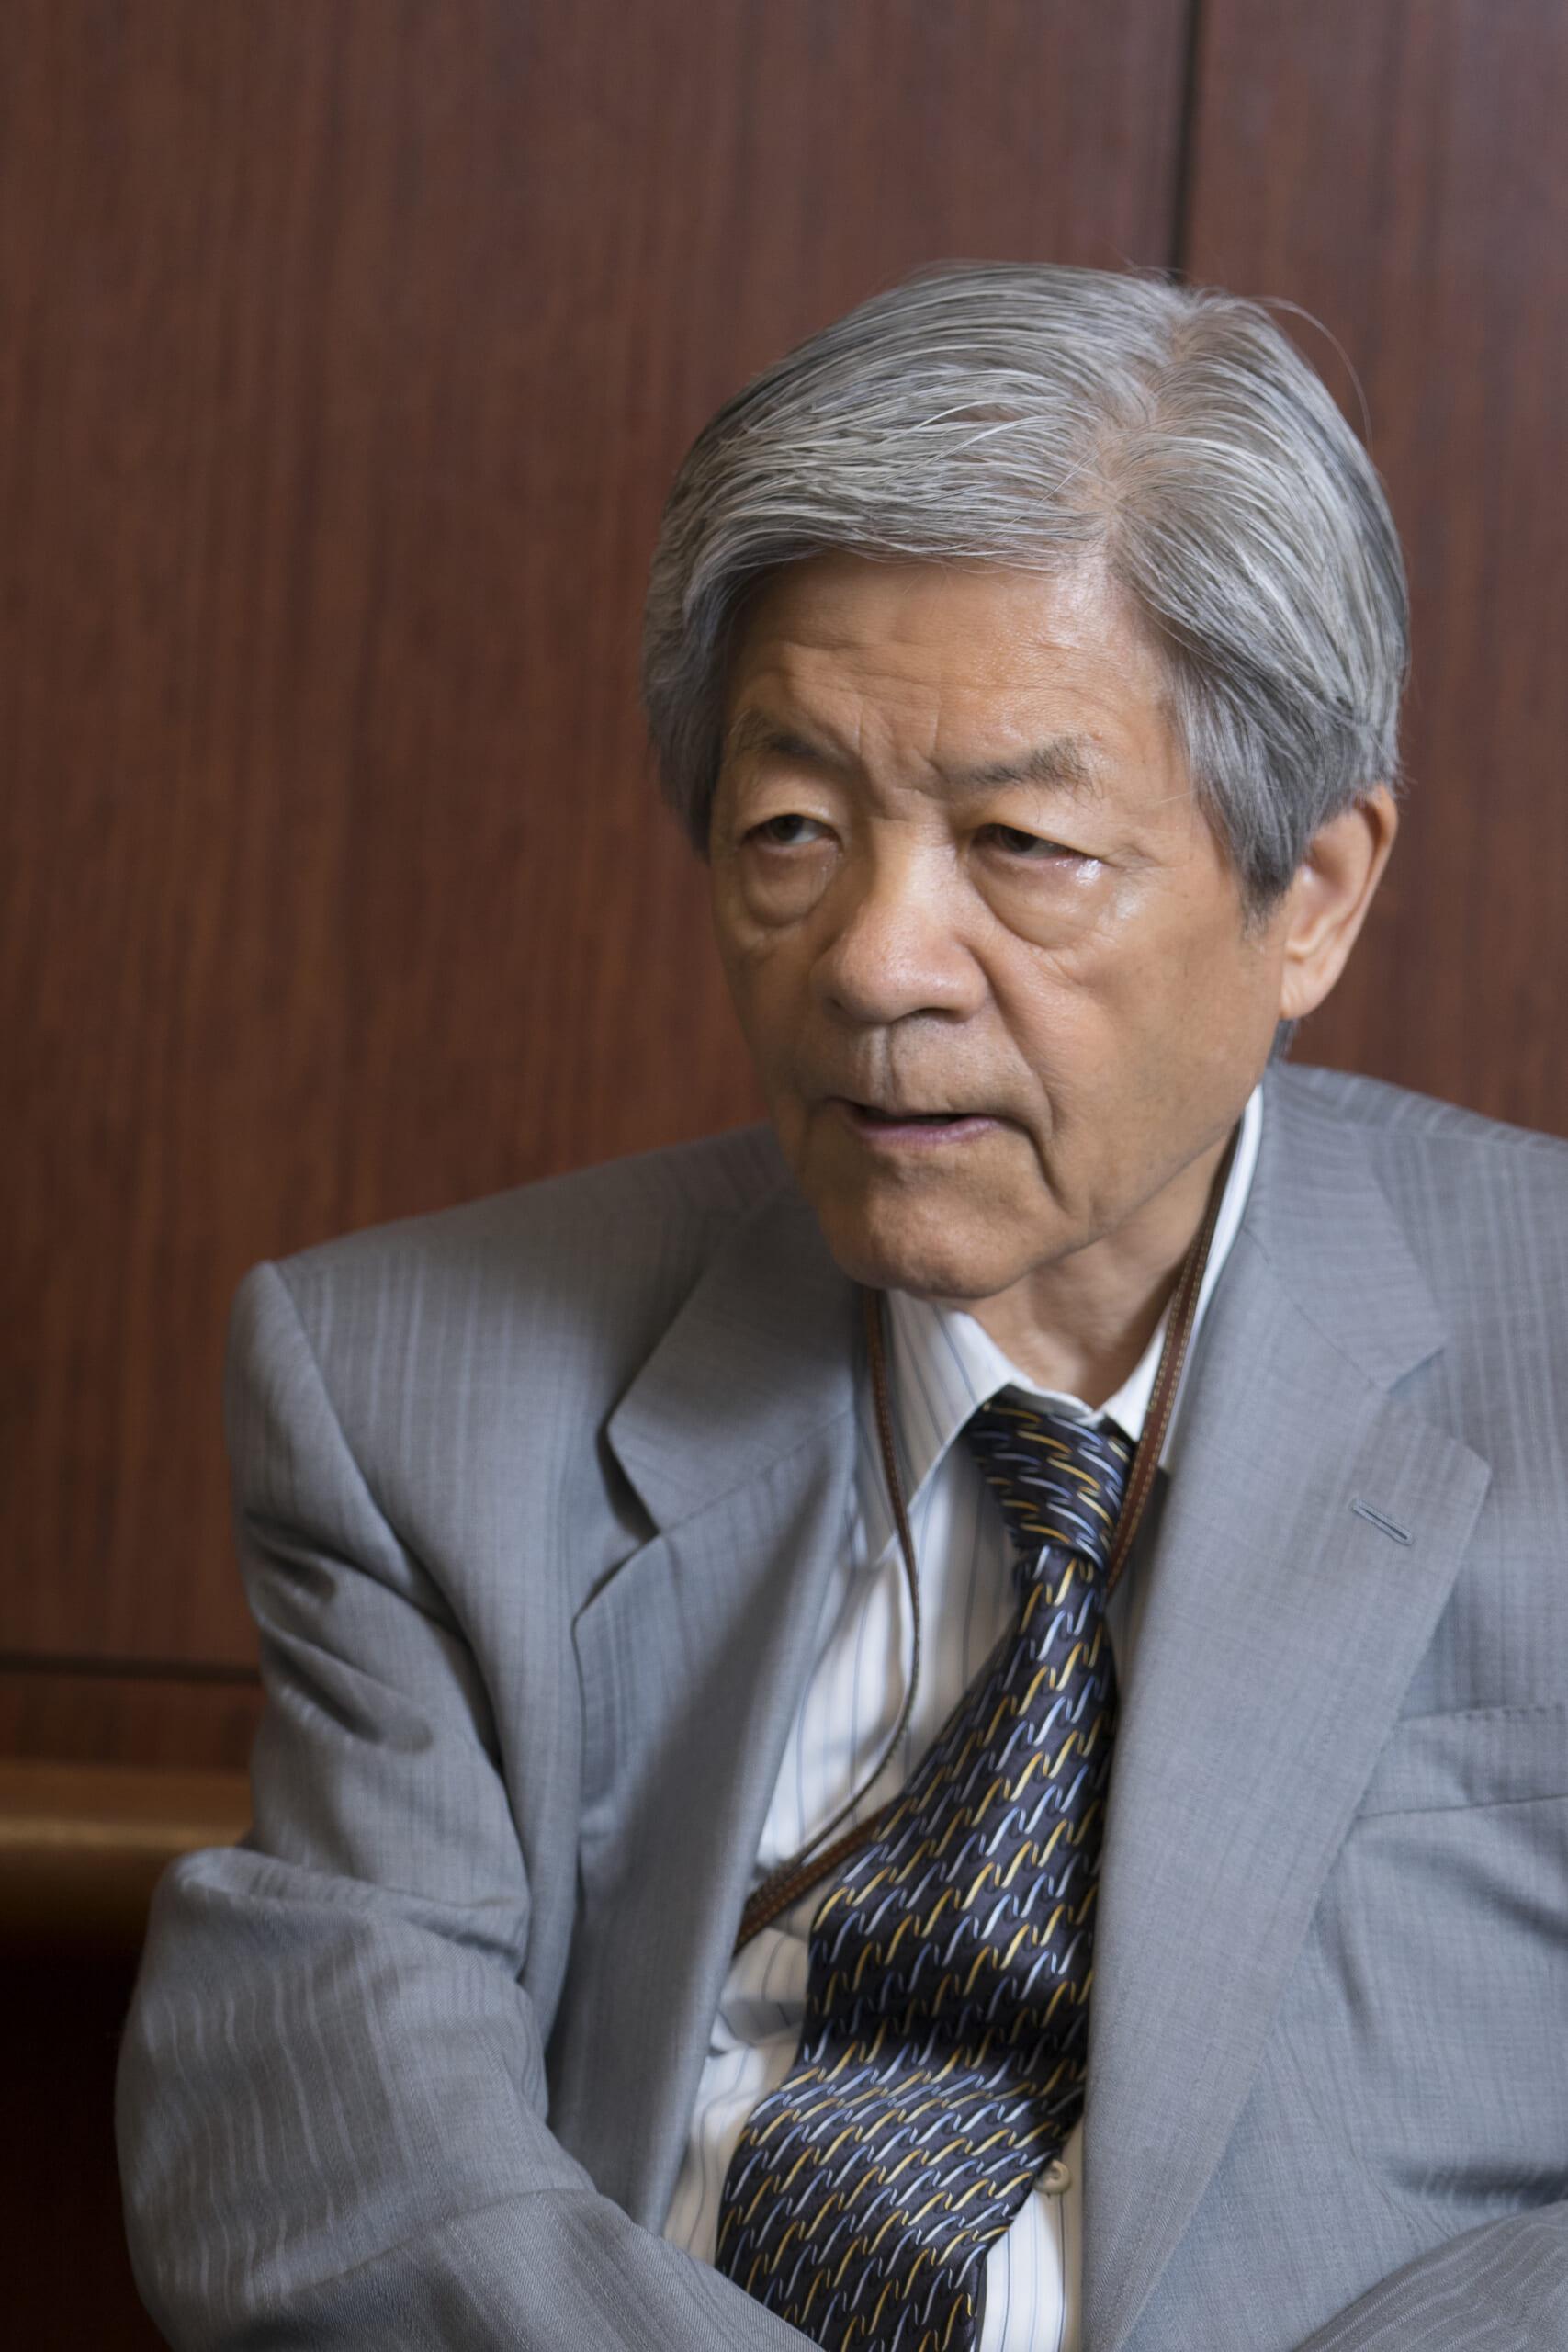 田原総一朗 「科学技術の発達、進歩によって変わる、新たに生まれる社会環境に対して対応していかないといけない」